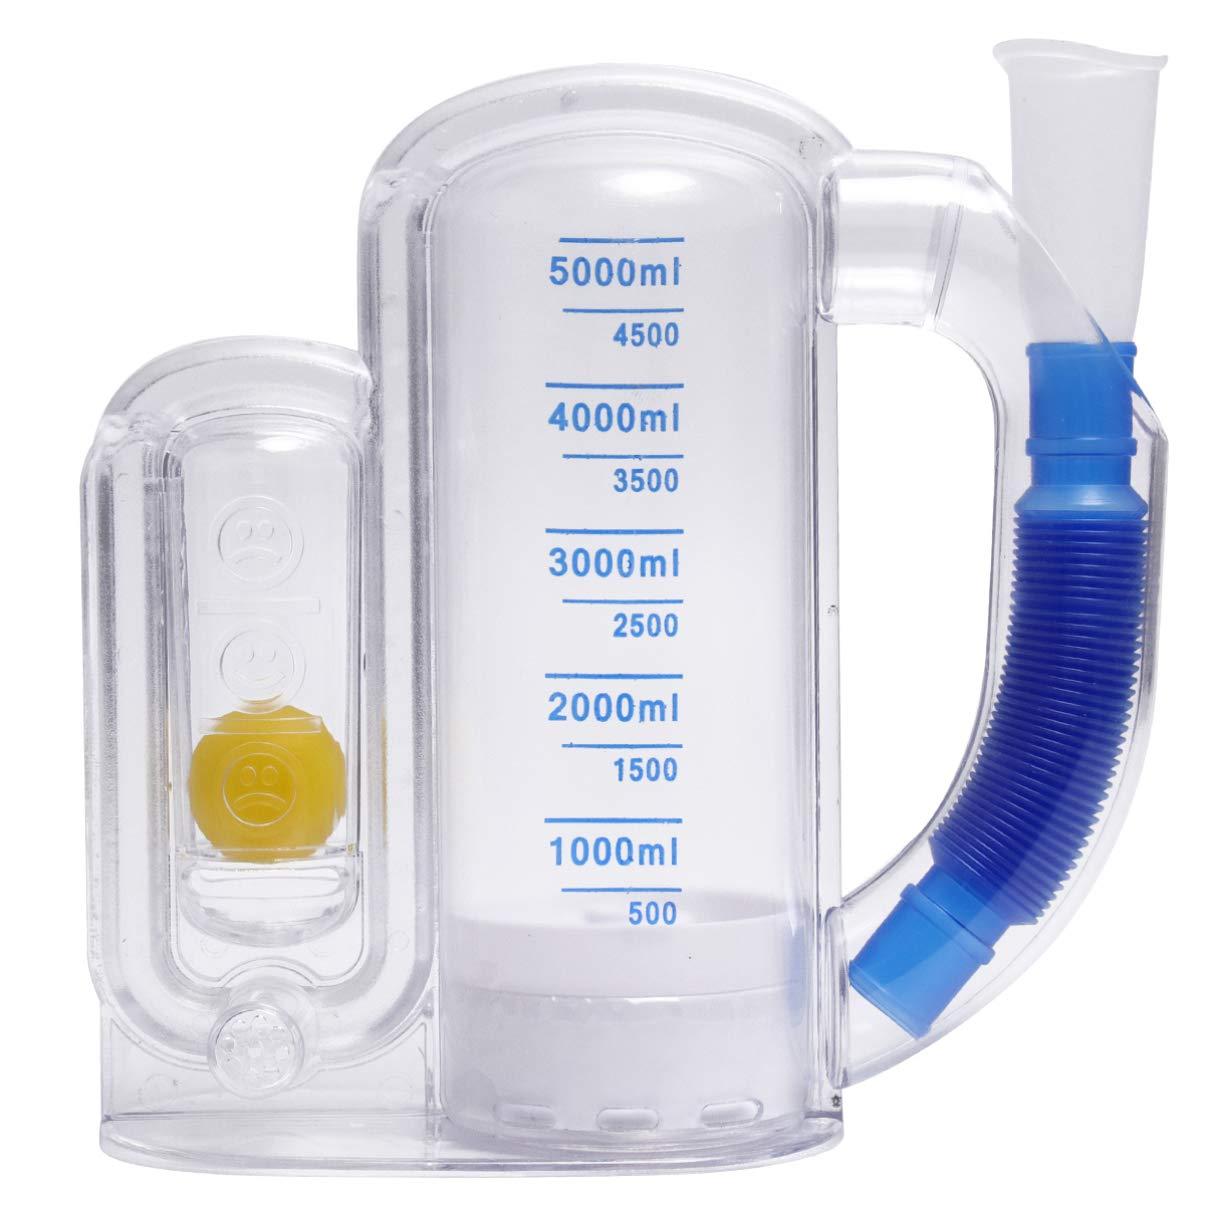 ULTECHNOVO Entrenador de Respiración Espirómetro Portátil de 5000 Ml para Rehabilitación Pulmonar Entrenador de Incentivos de Capacidad Vital para Hospital Hogar